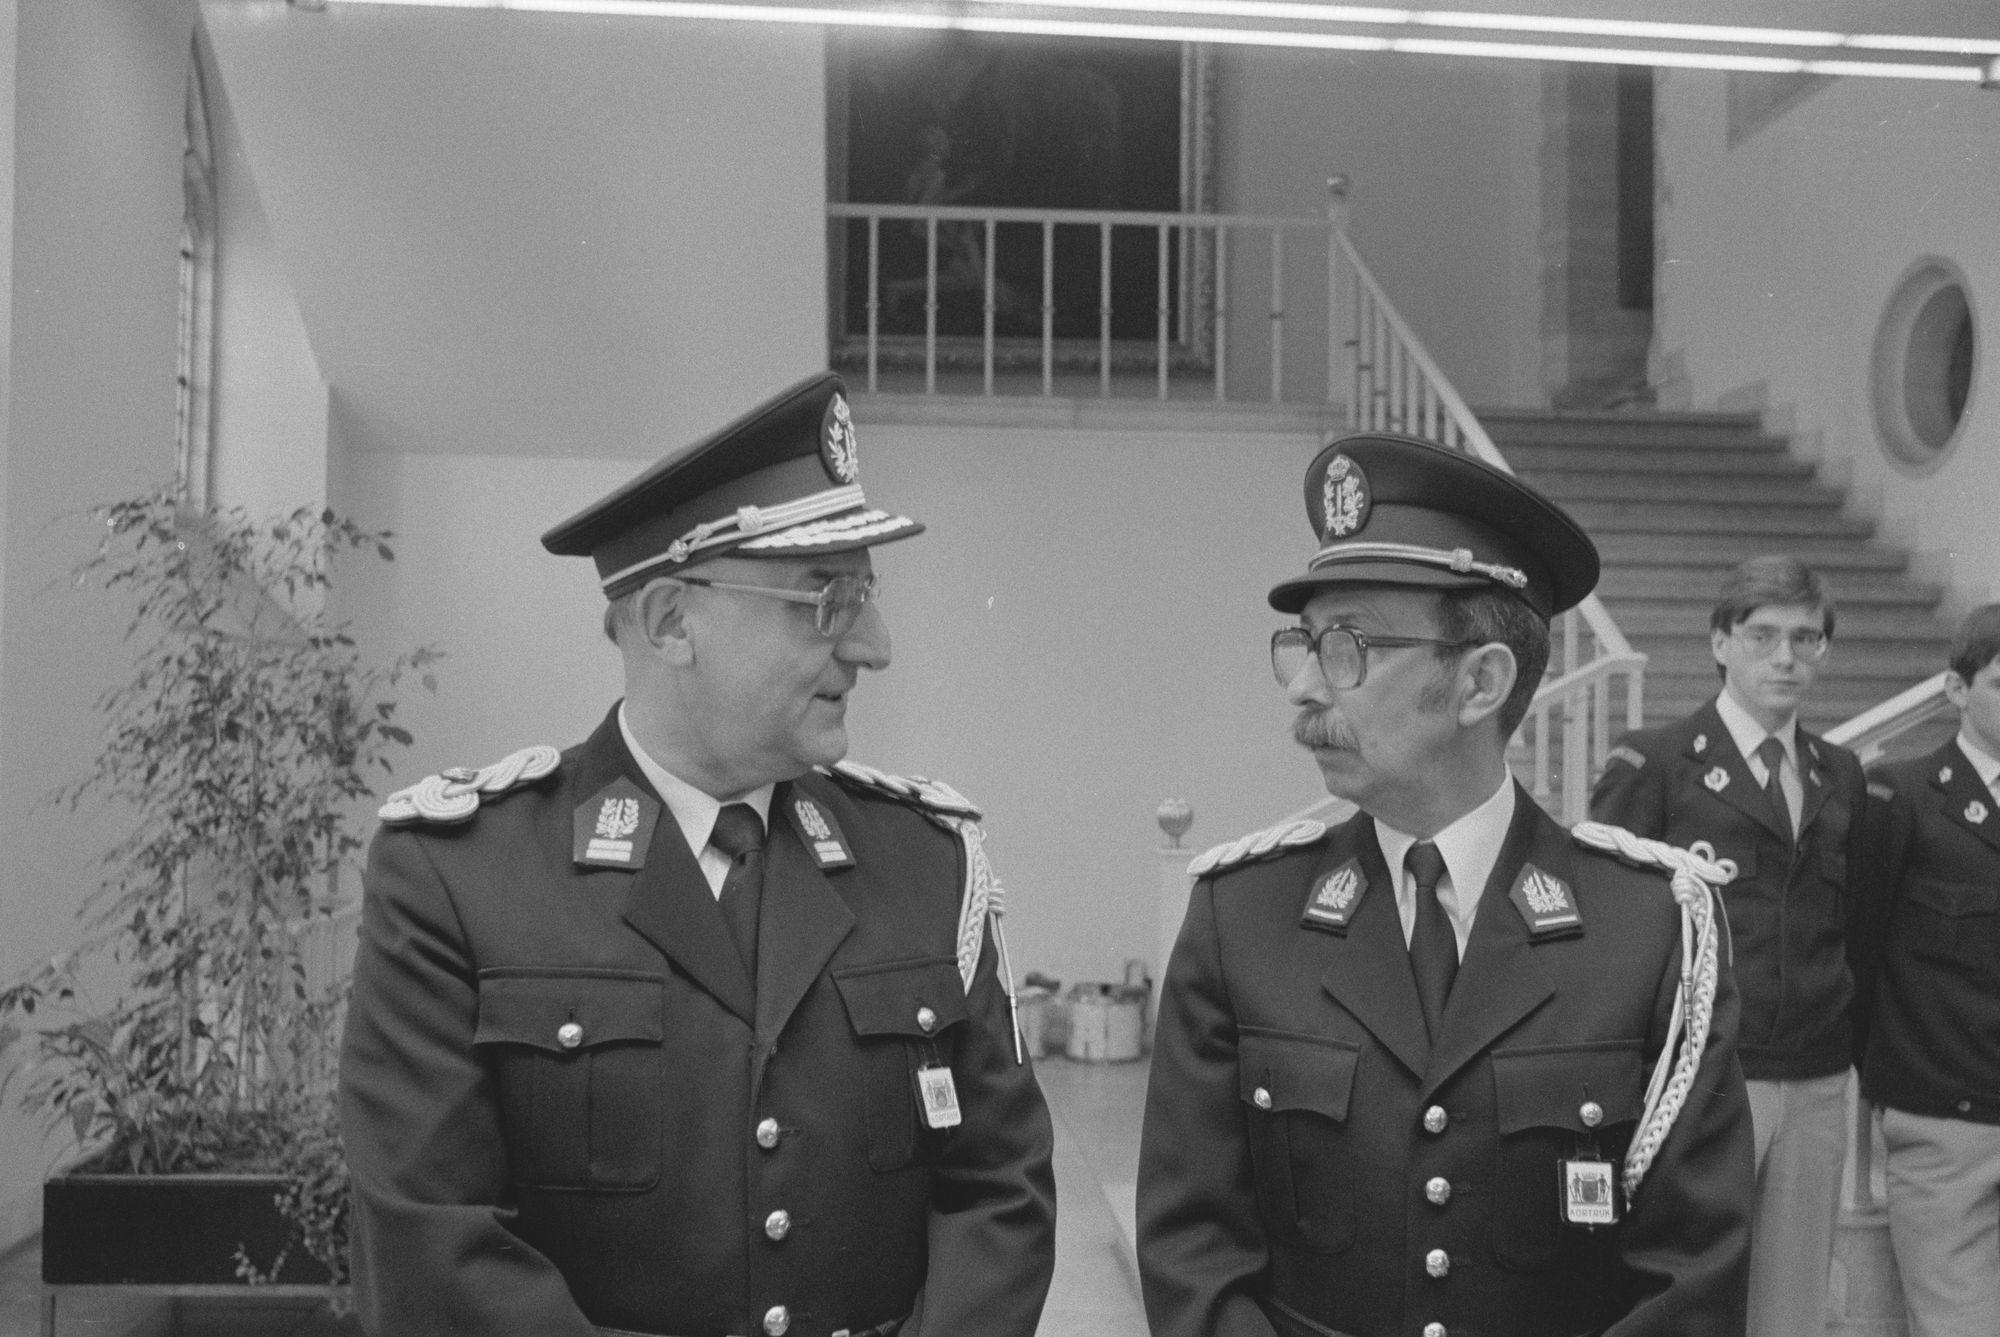 Onderscheidingen van de politie